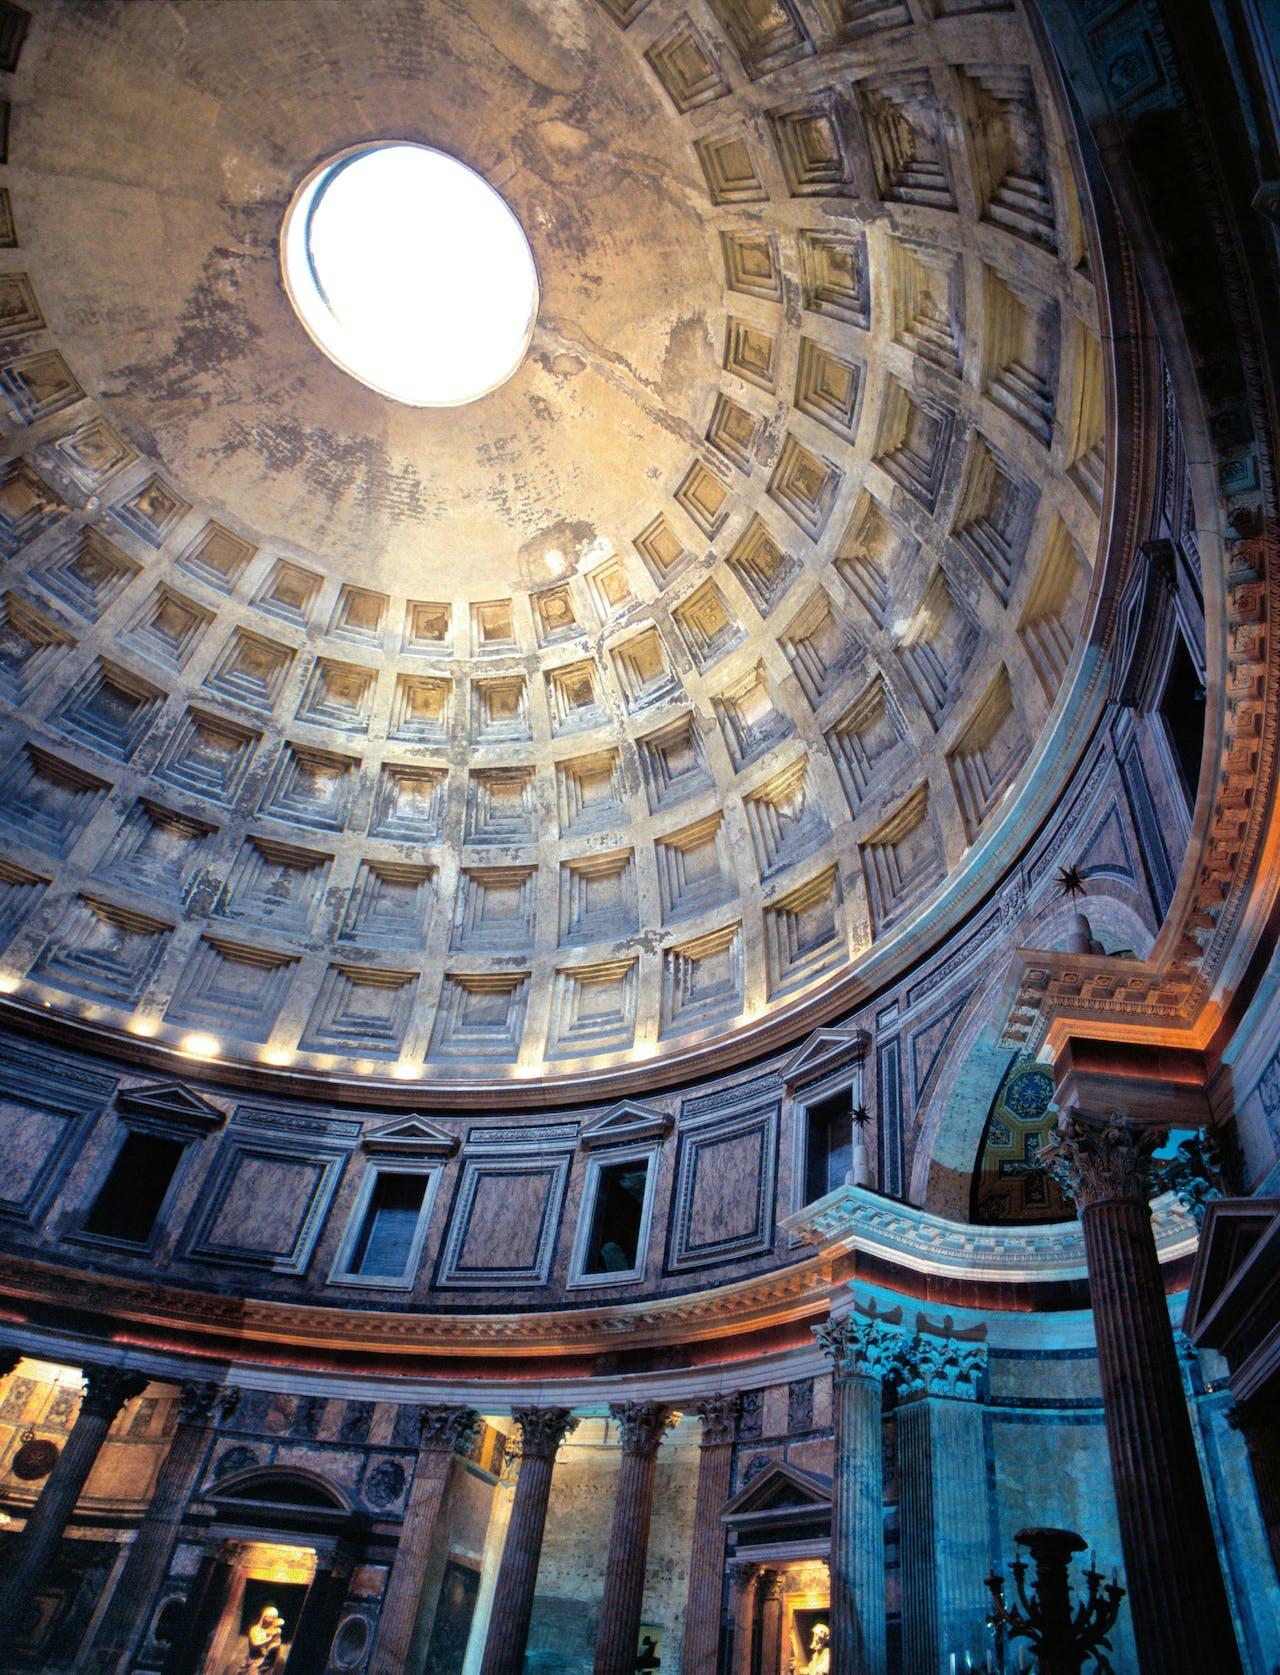 Het doorkijkje naar de hemel in het Pantheon. (Foto: HH)